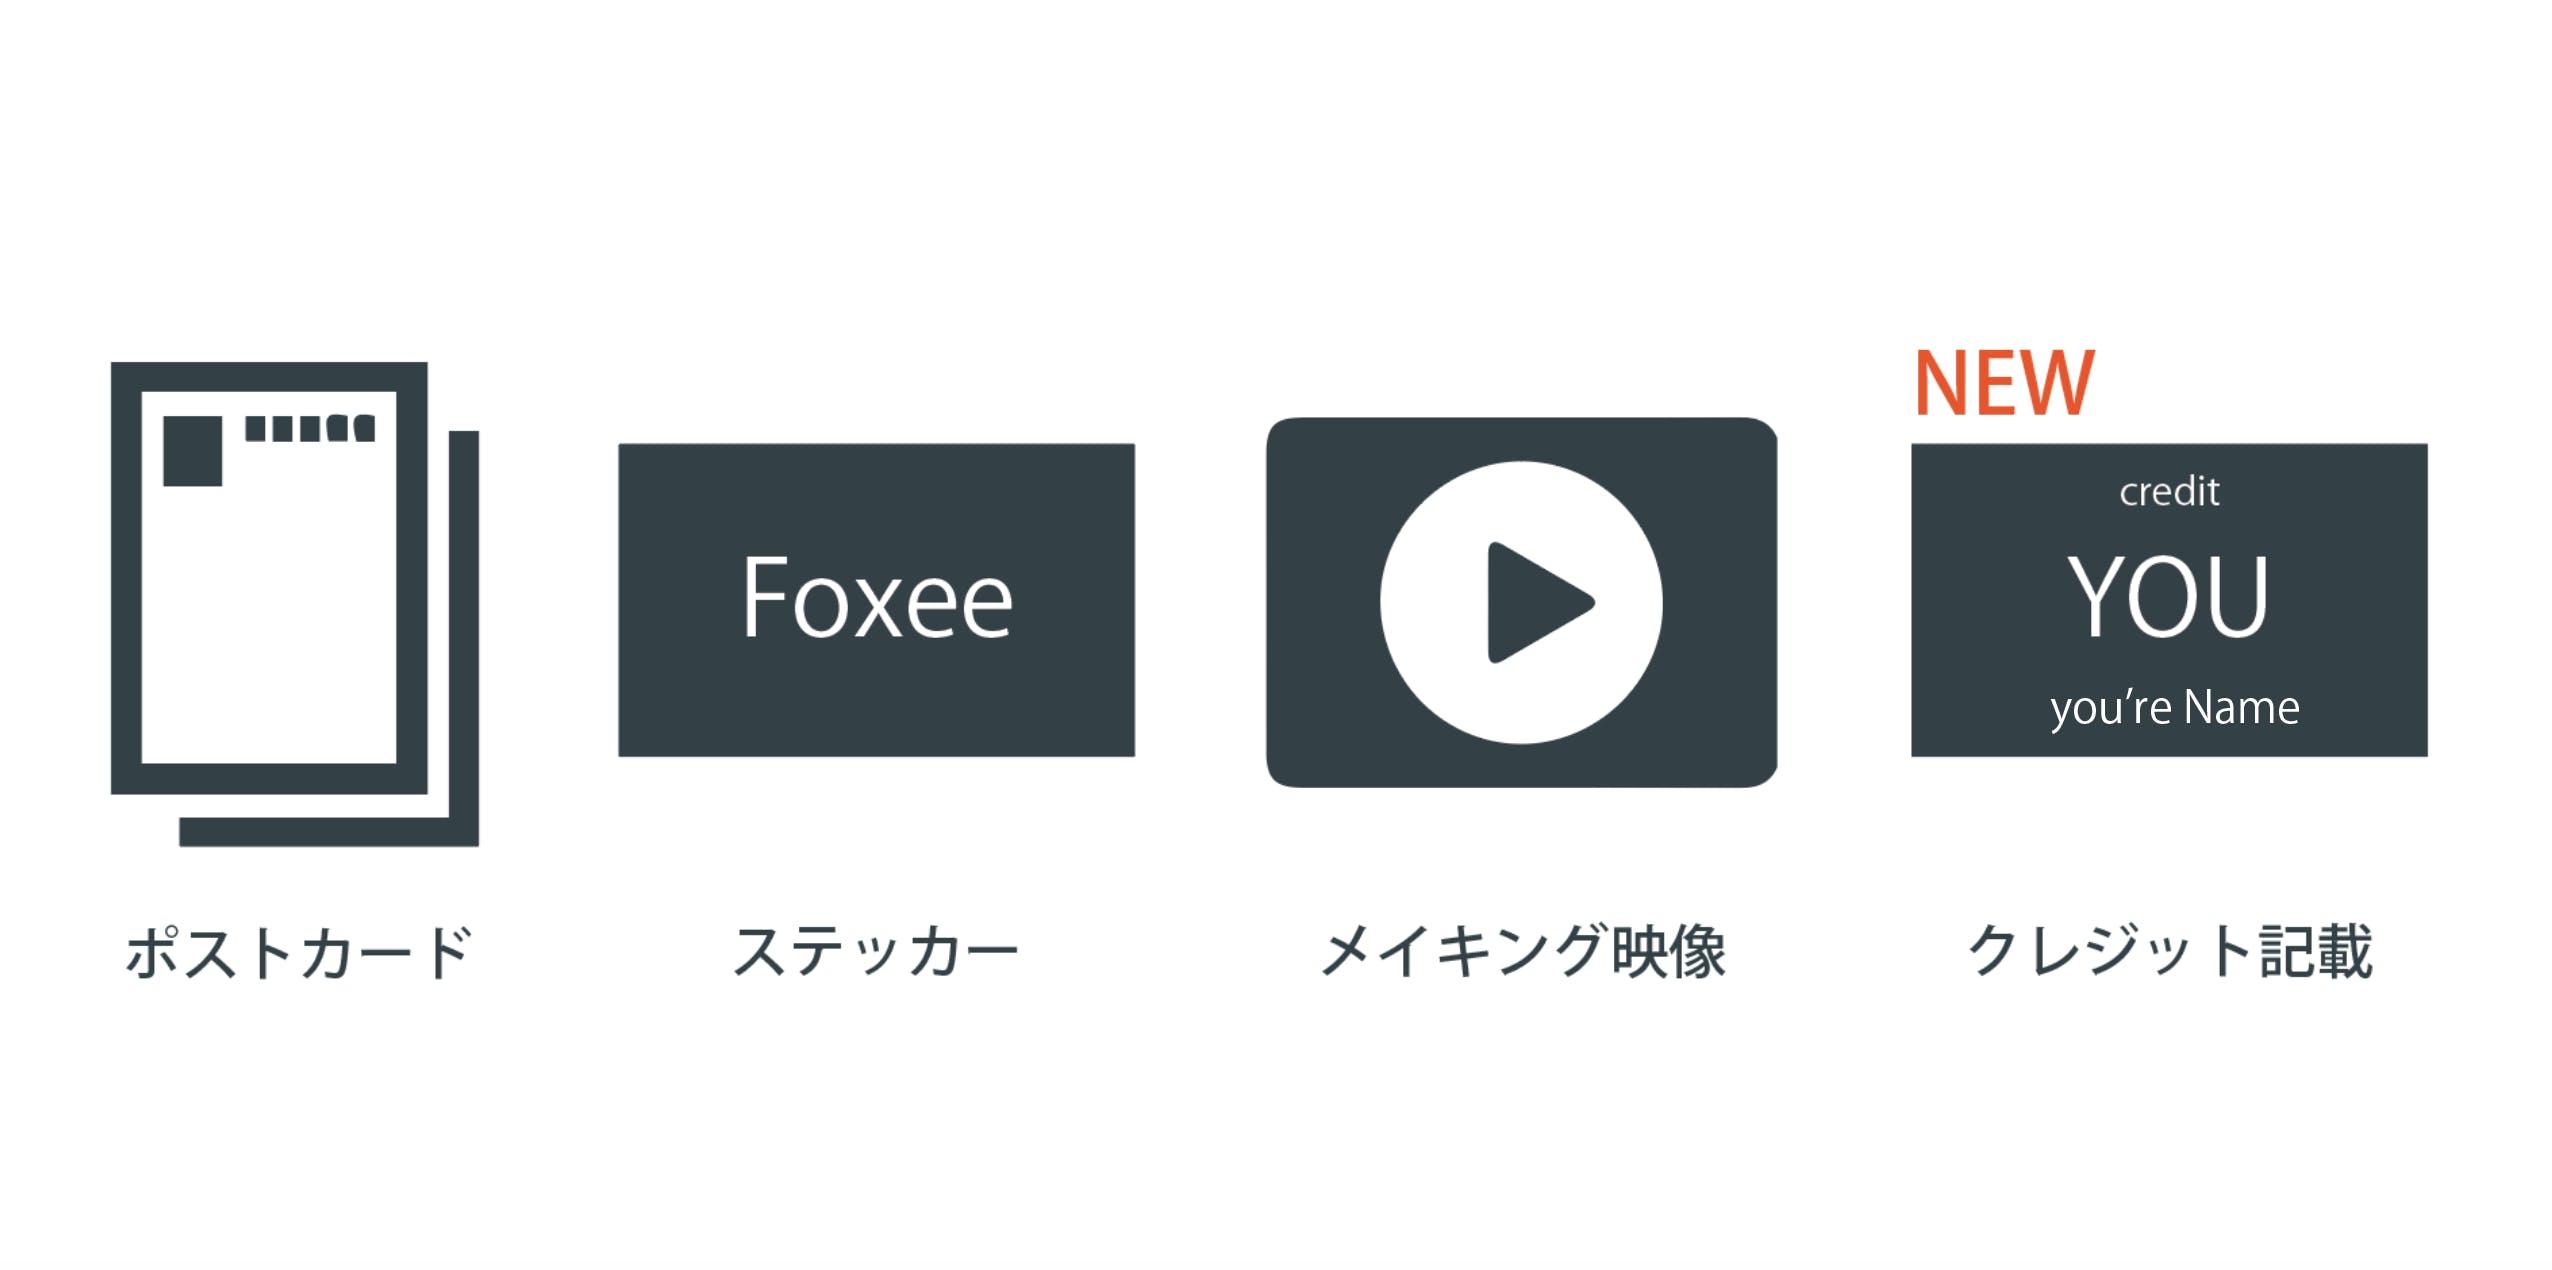 スクリーンショット 2018 09 10 12.04.29